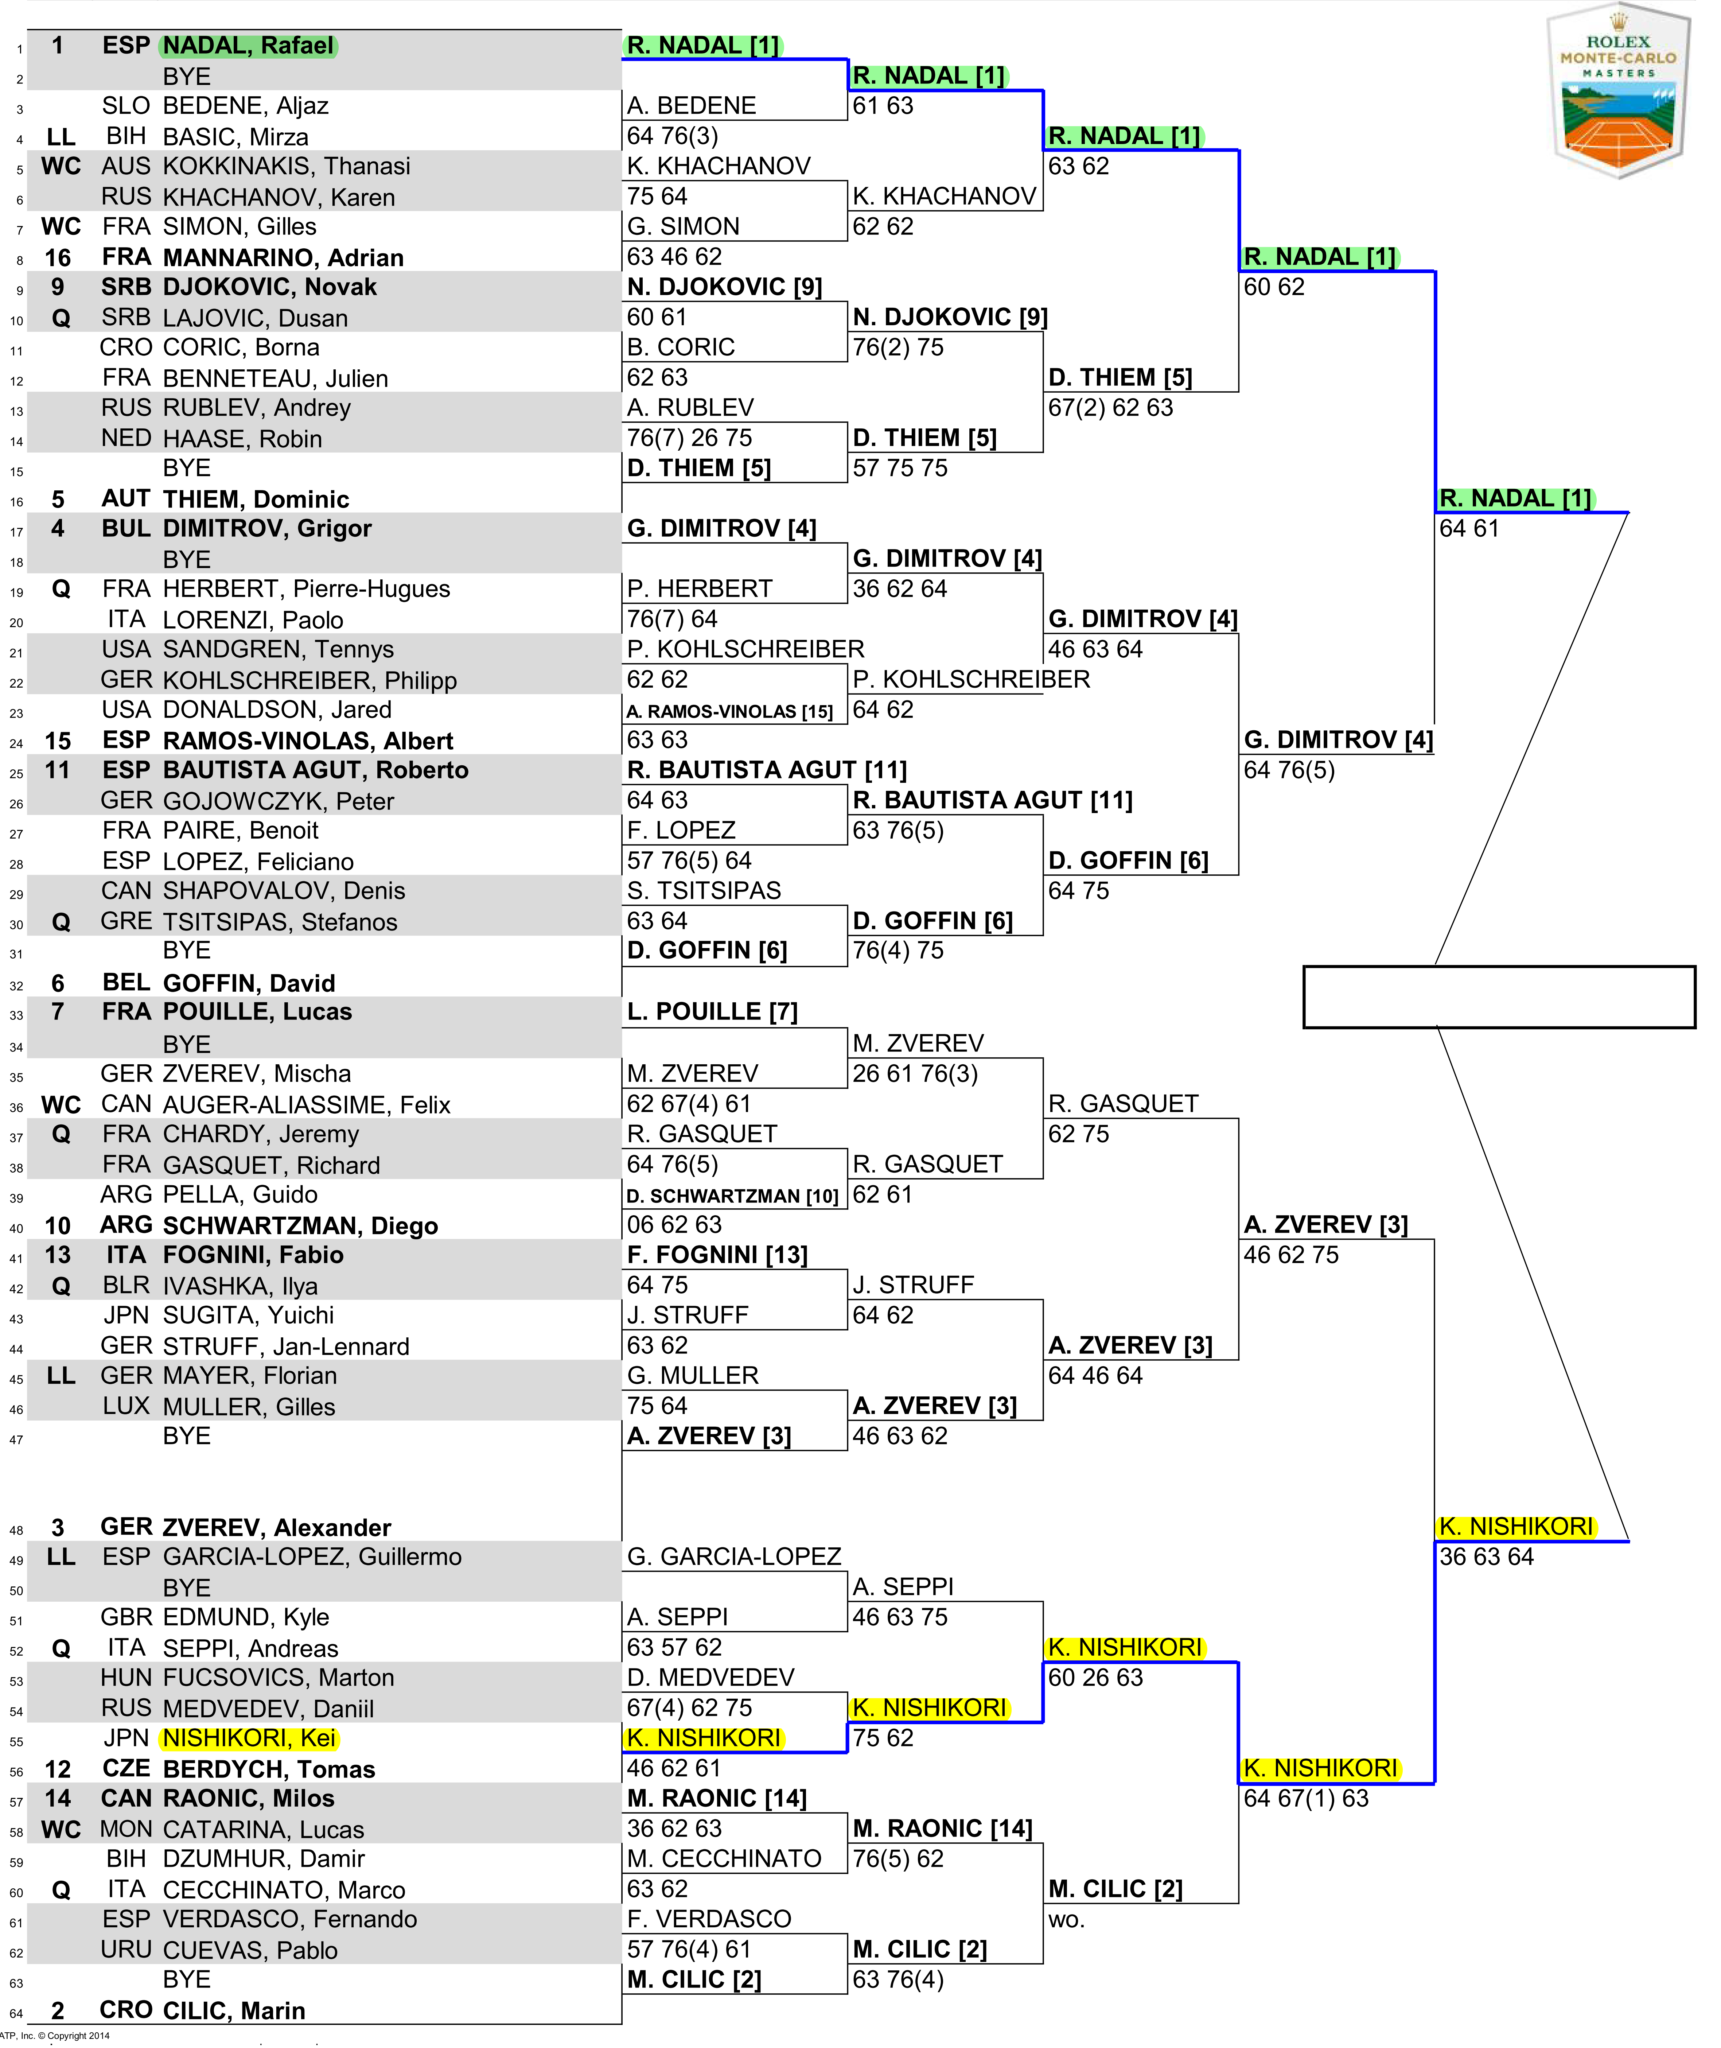 2018モンテカルロマスターズ決勝戦のドロー(トーナメント表)